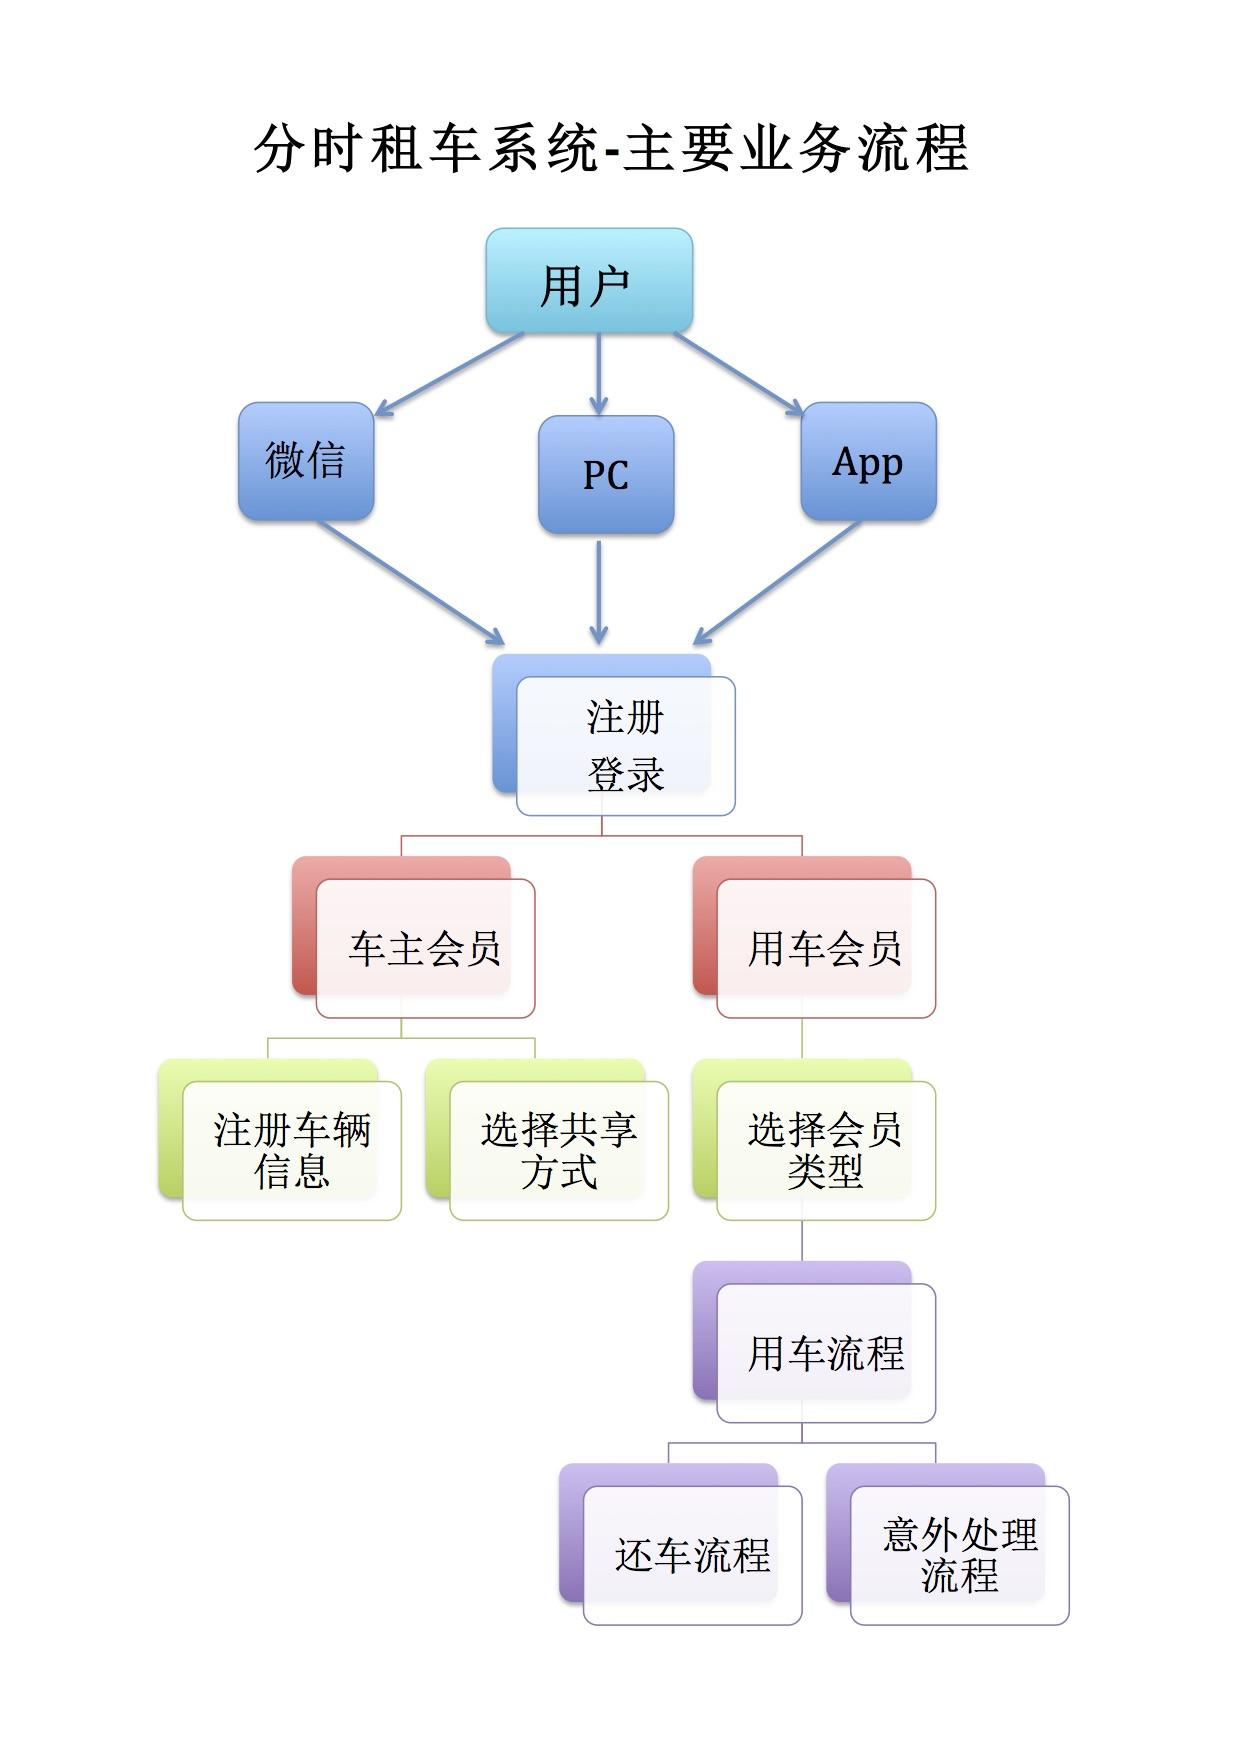 分时租车系统-主要业务流程.jpg